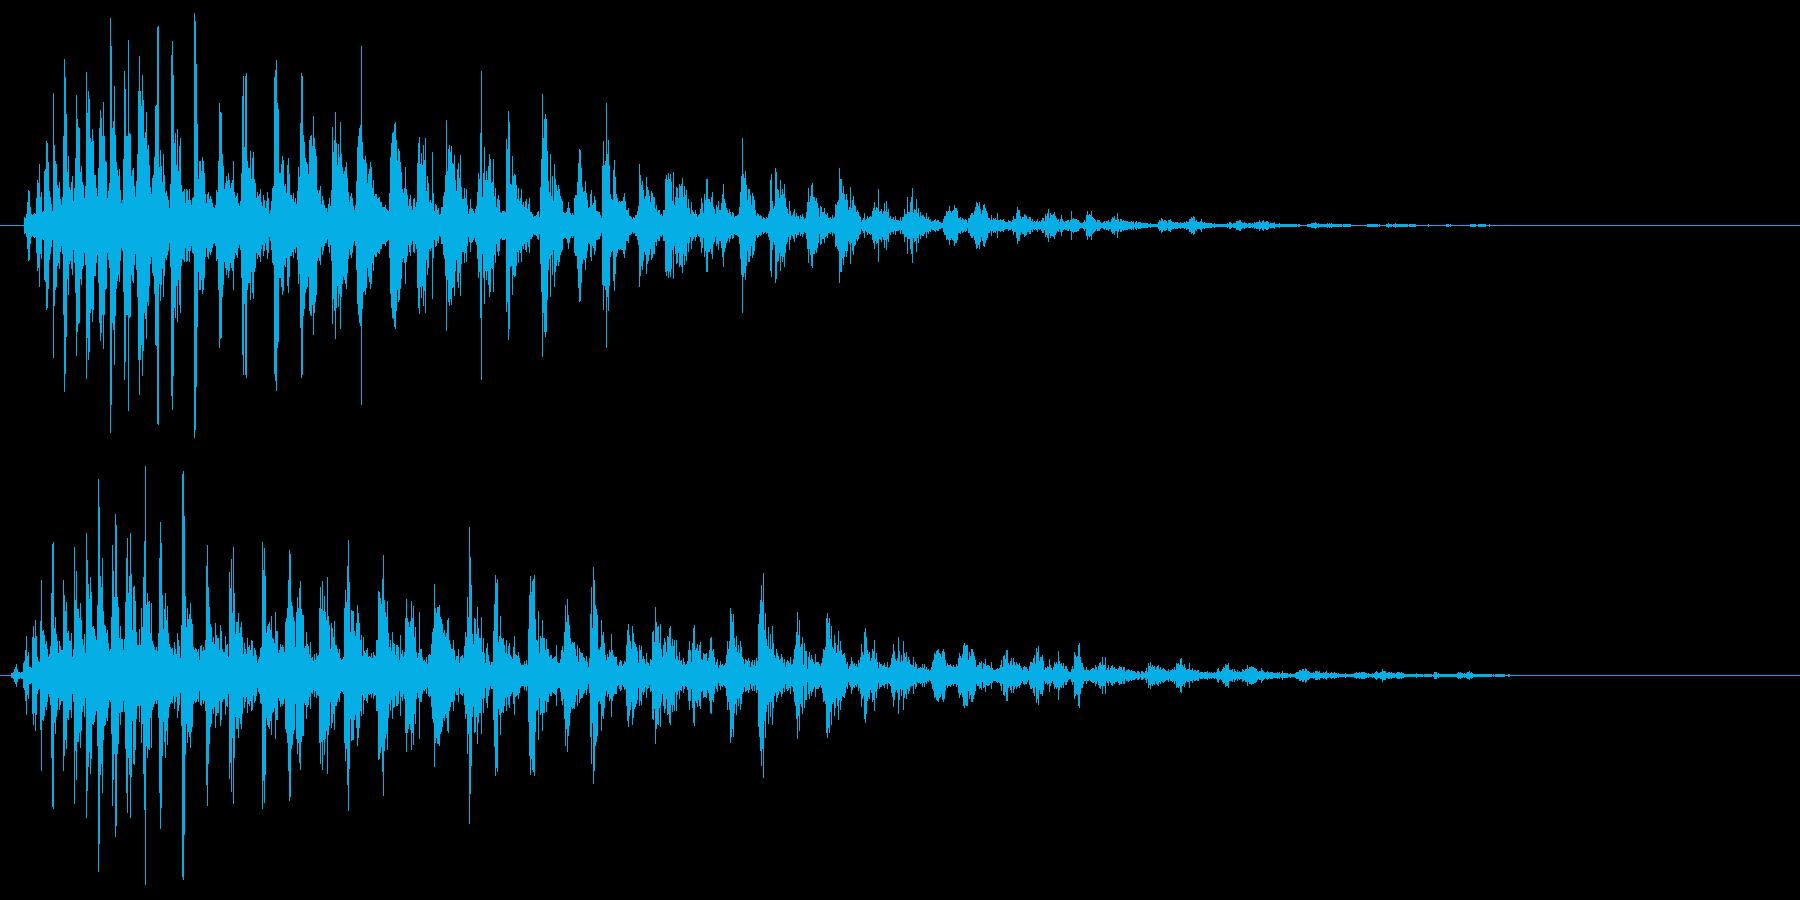 ジュワァァァァ〜という効果音の再生済みの波形